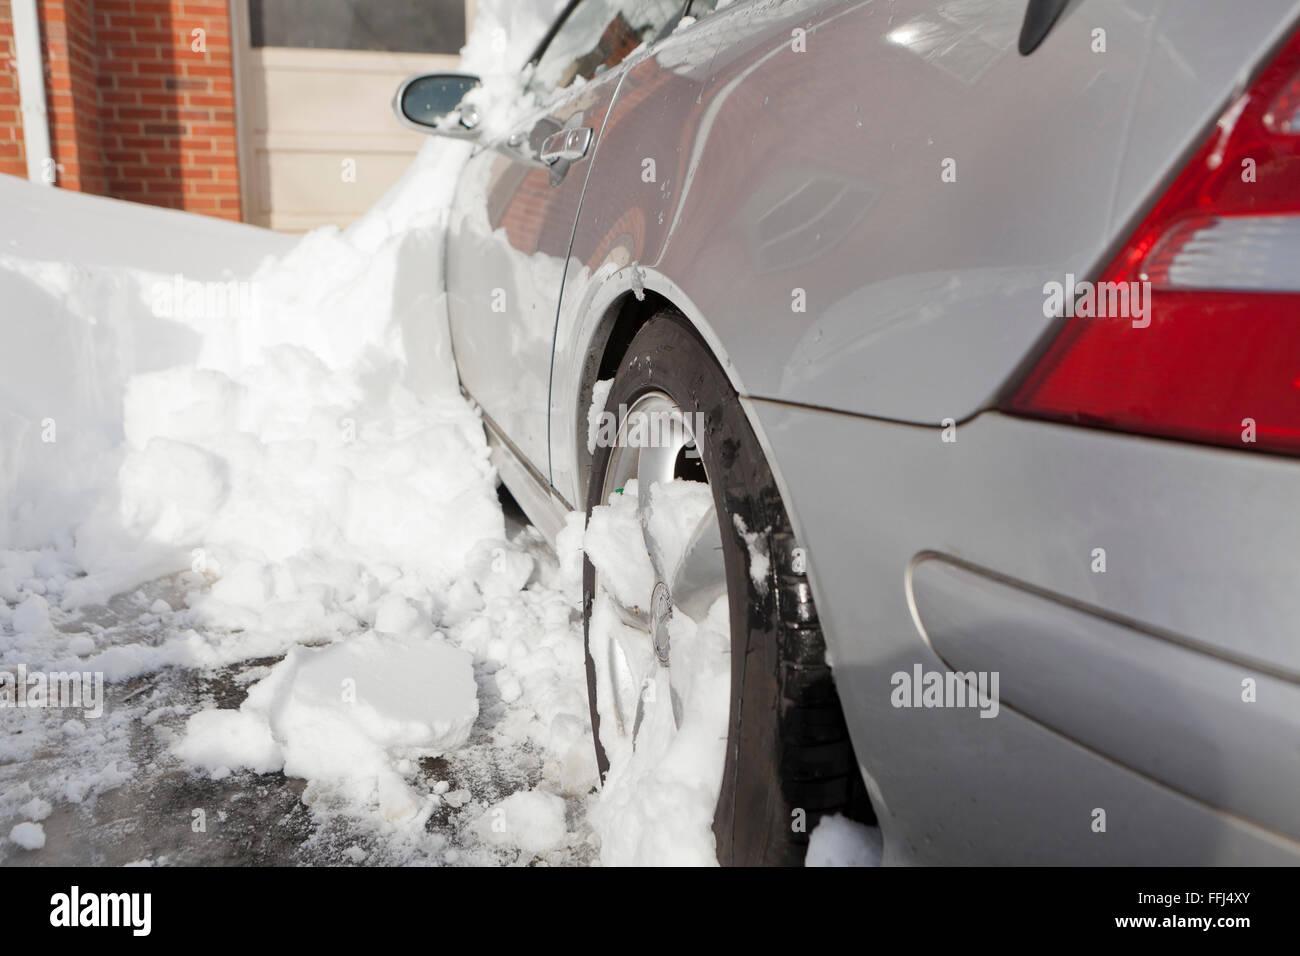 Roue de voiture recouverte de neige - Virginia USA Banque D'Images